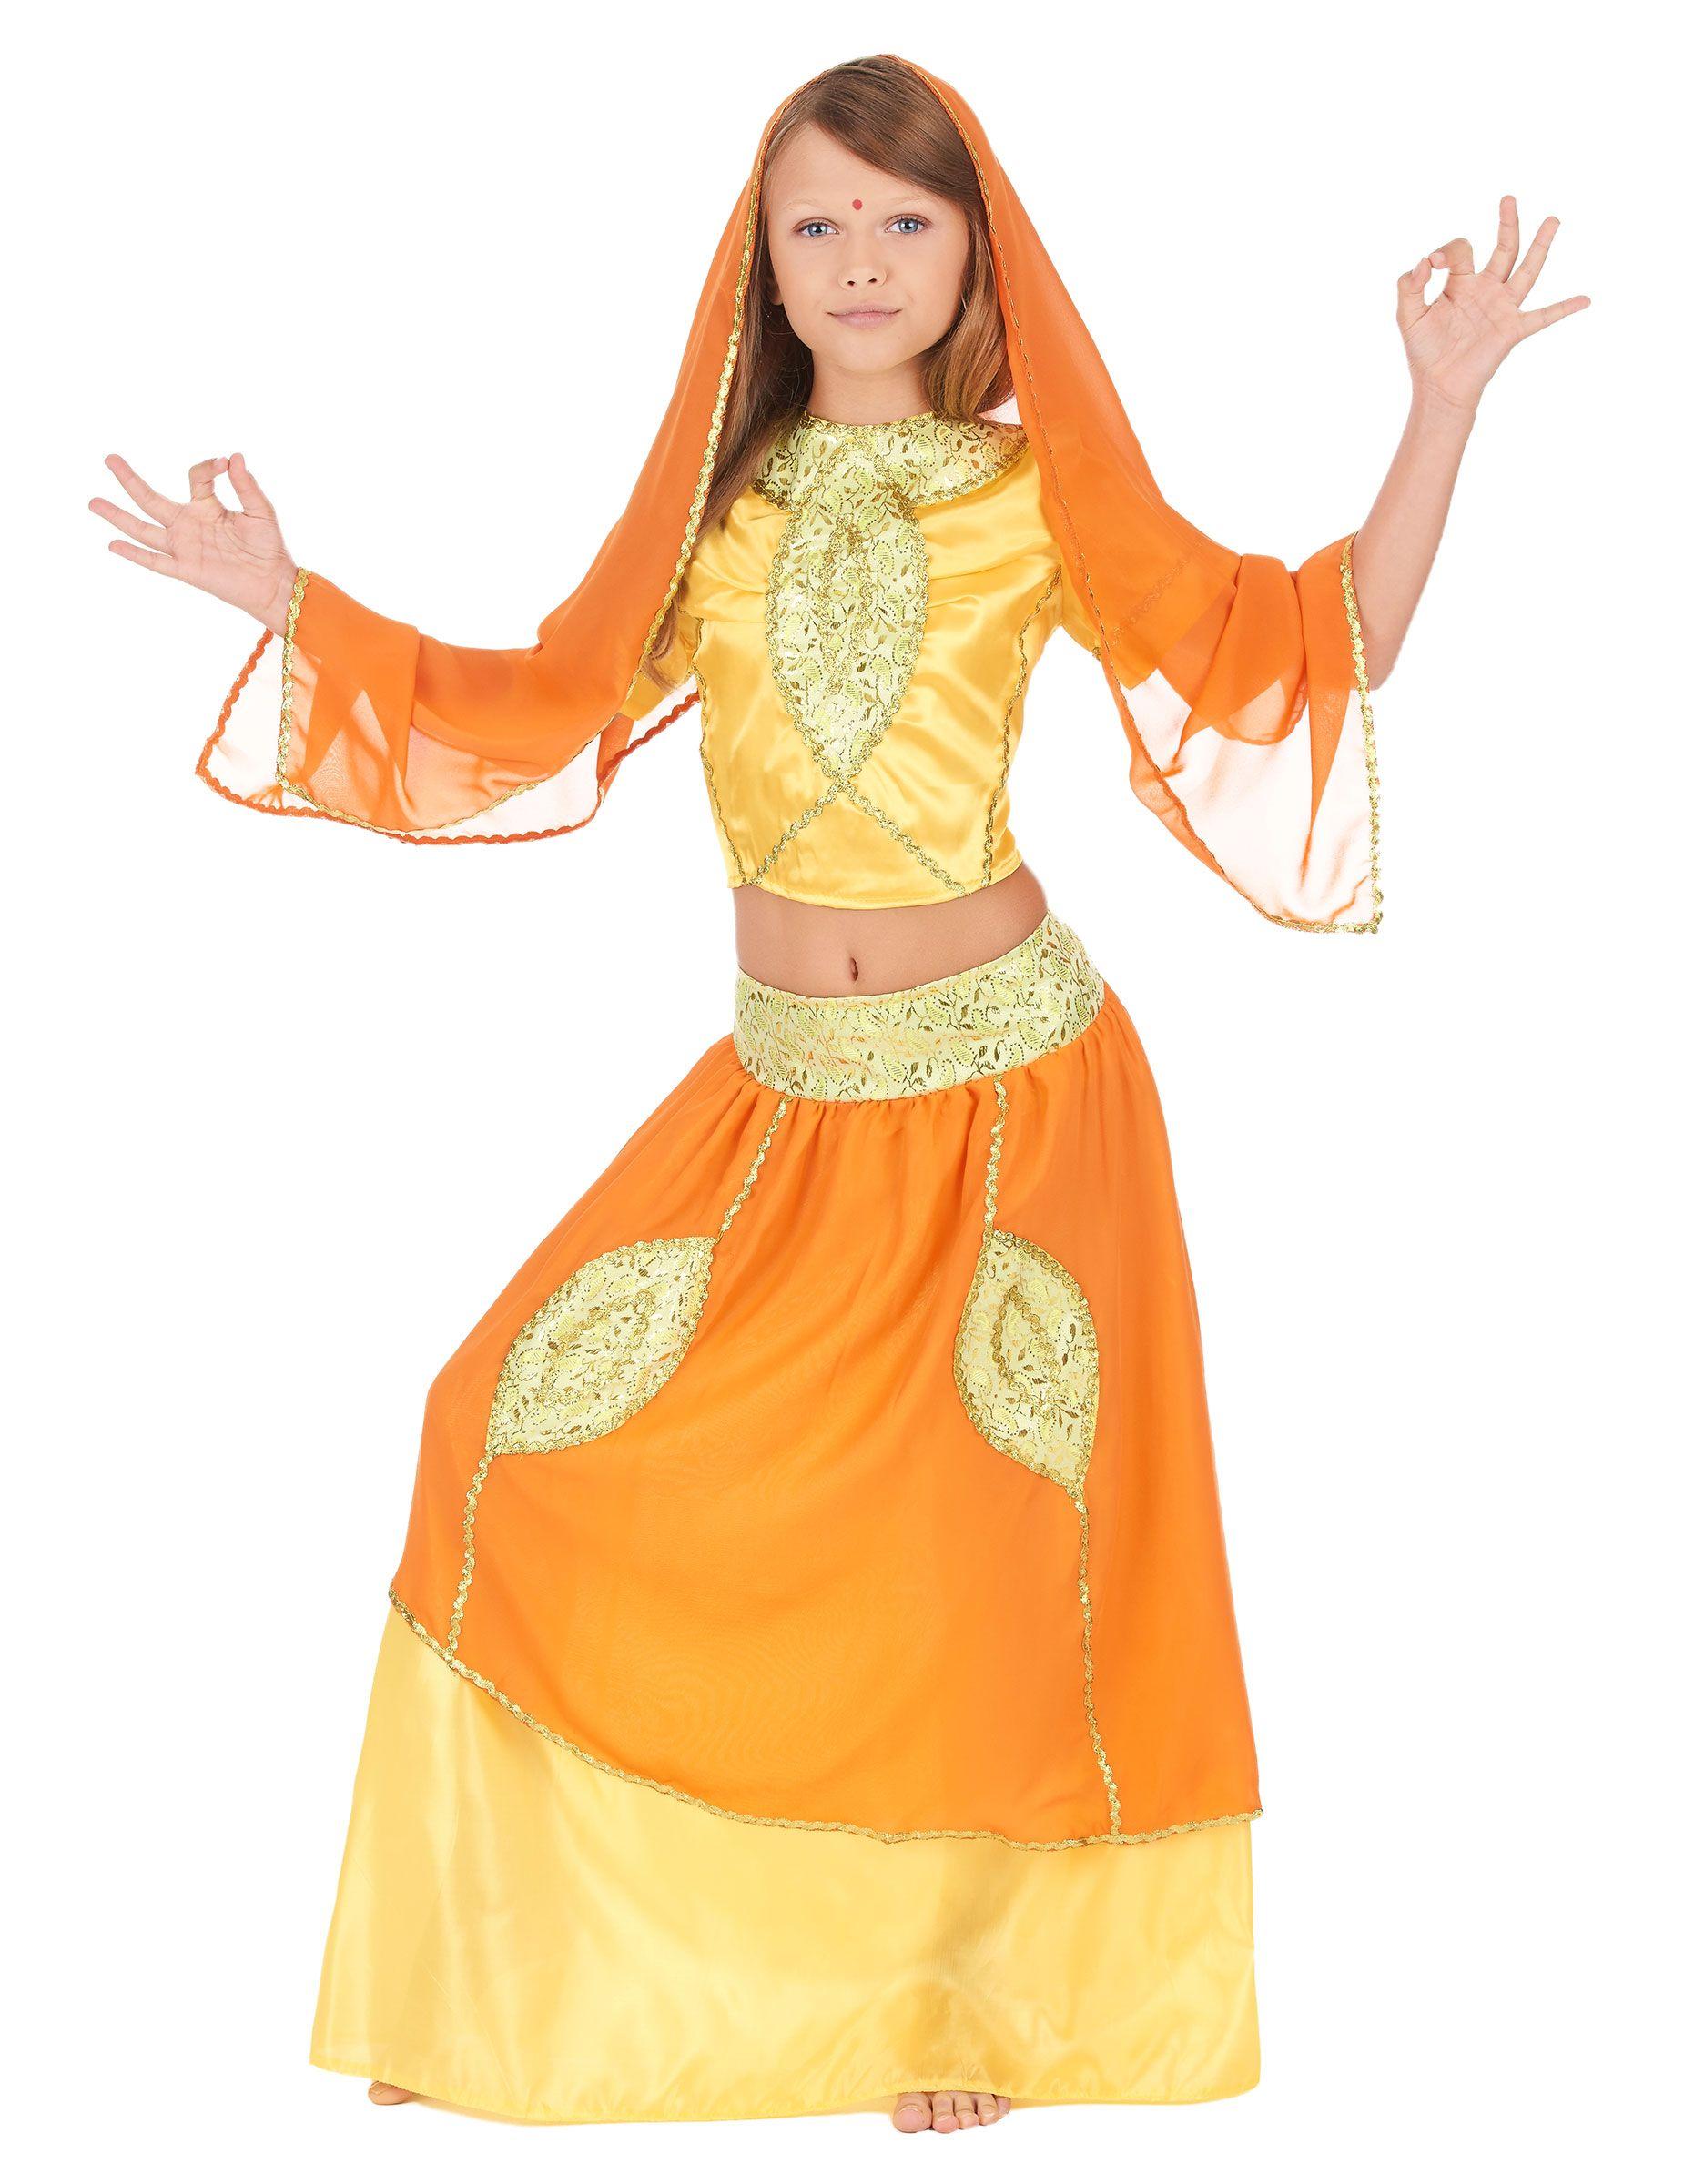 D guisement indienne bollywood enfant d guisements de princesse princesse indienne et - Deguisement fille princesse ...